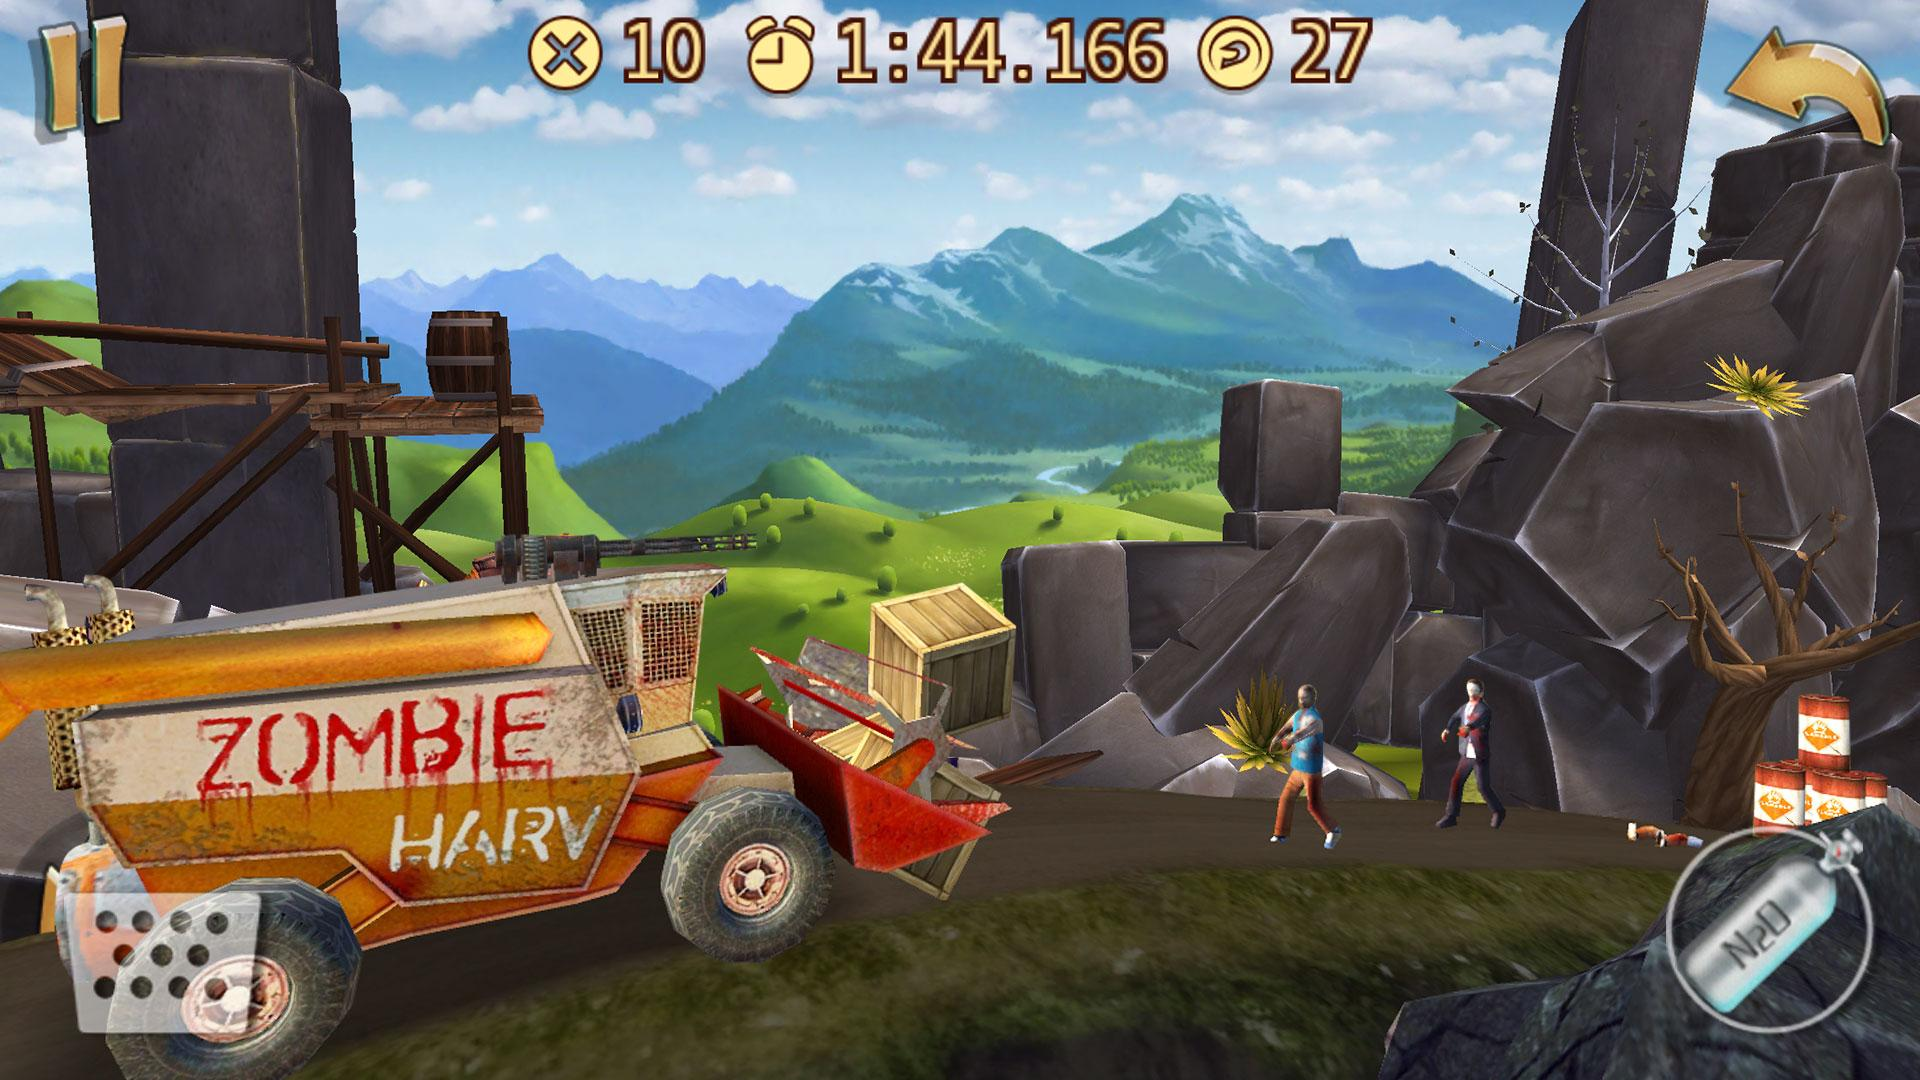 دانلود Death Climb Racing-Popular walking ZOMBIE road war 1.1.2 – بازی اکشن بدون دیتای اندروید